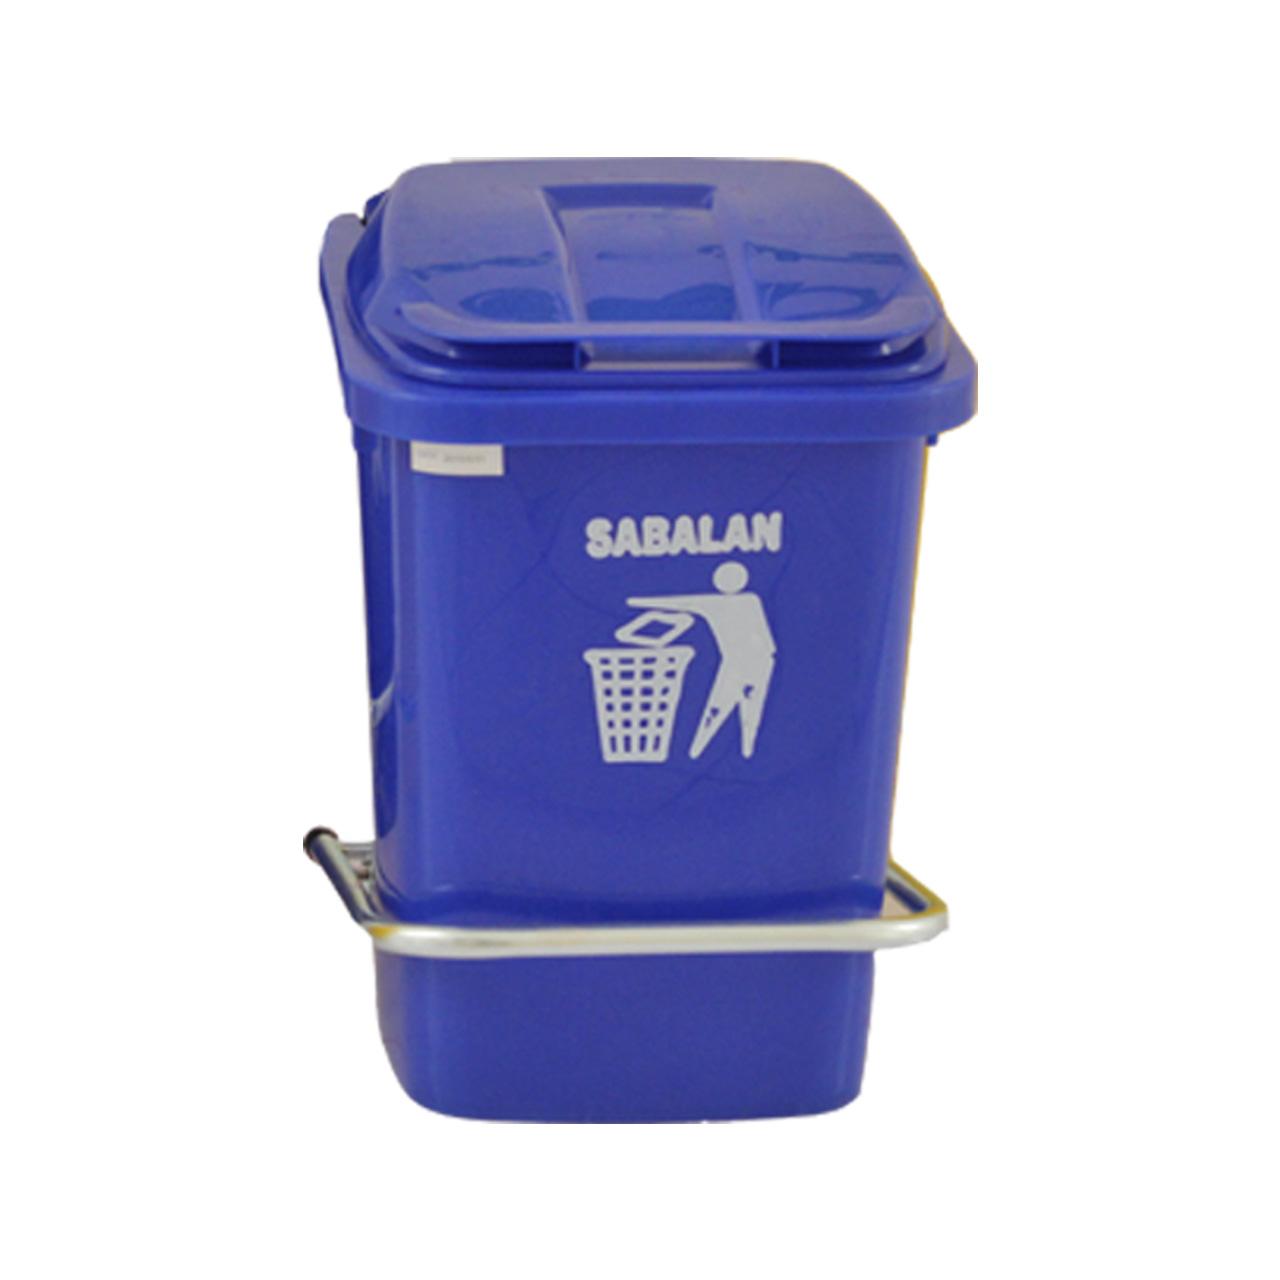 سطل زباله  کد 216637 ظرفیت 40 لیتر